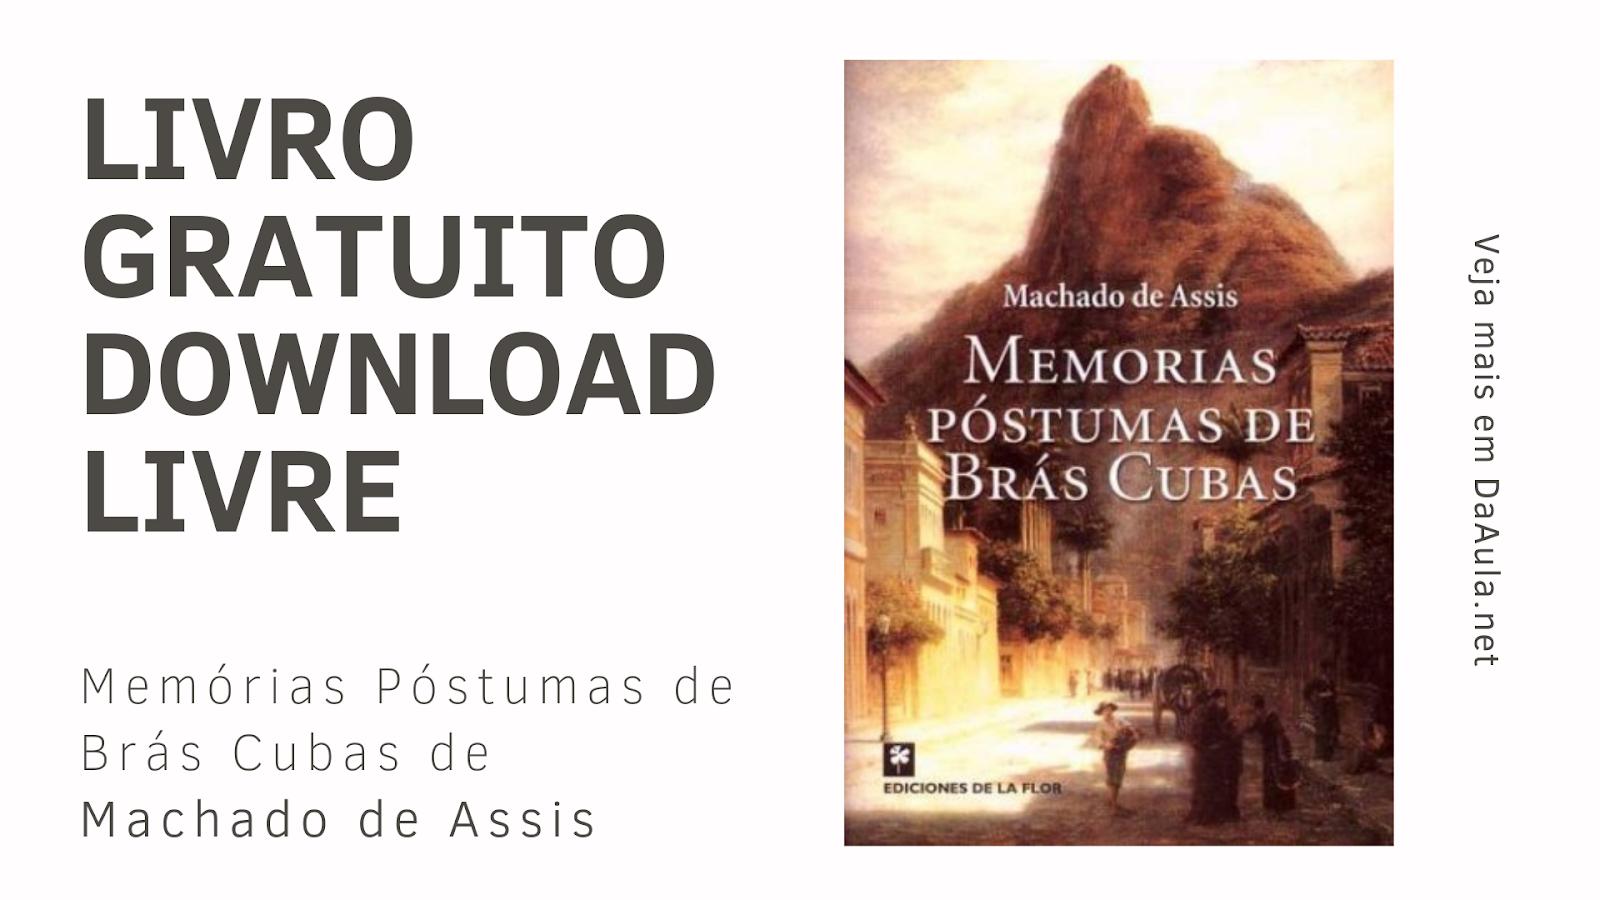 Livro: Memórias Póstumas de Brás Cubas de Machado de Assis